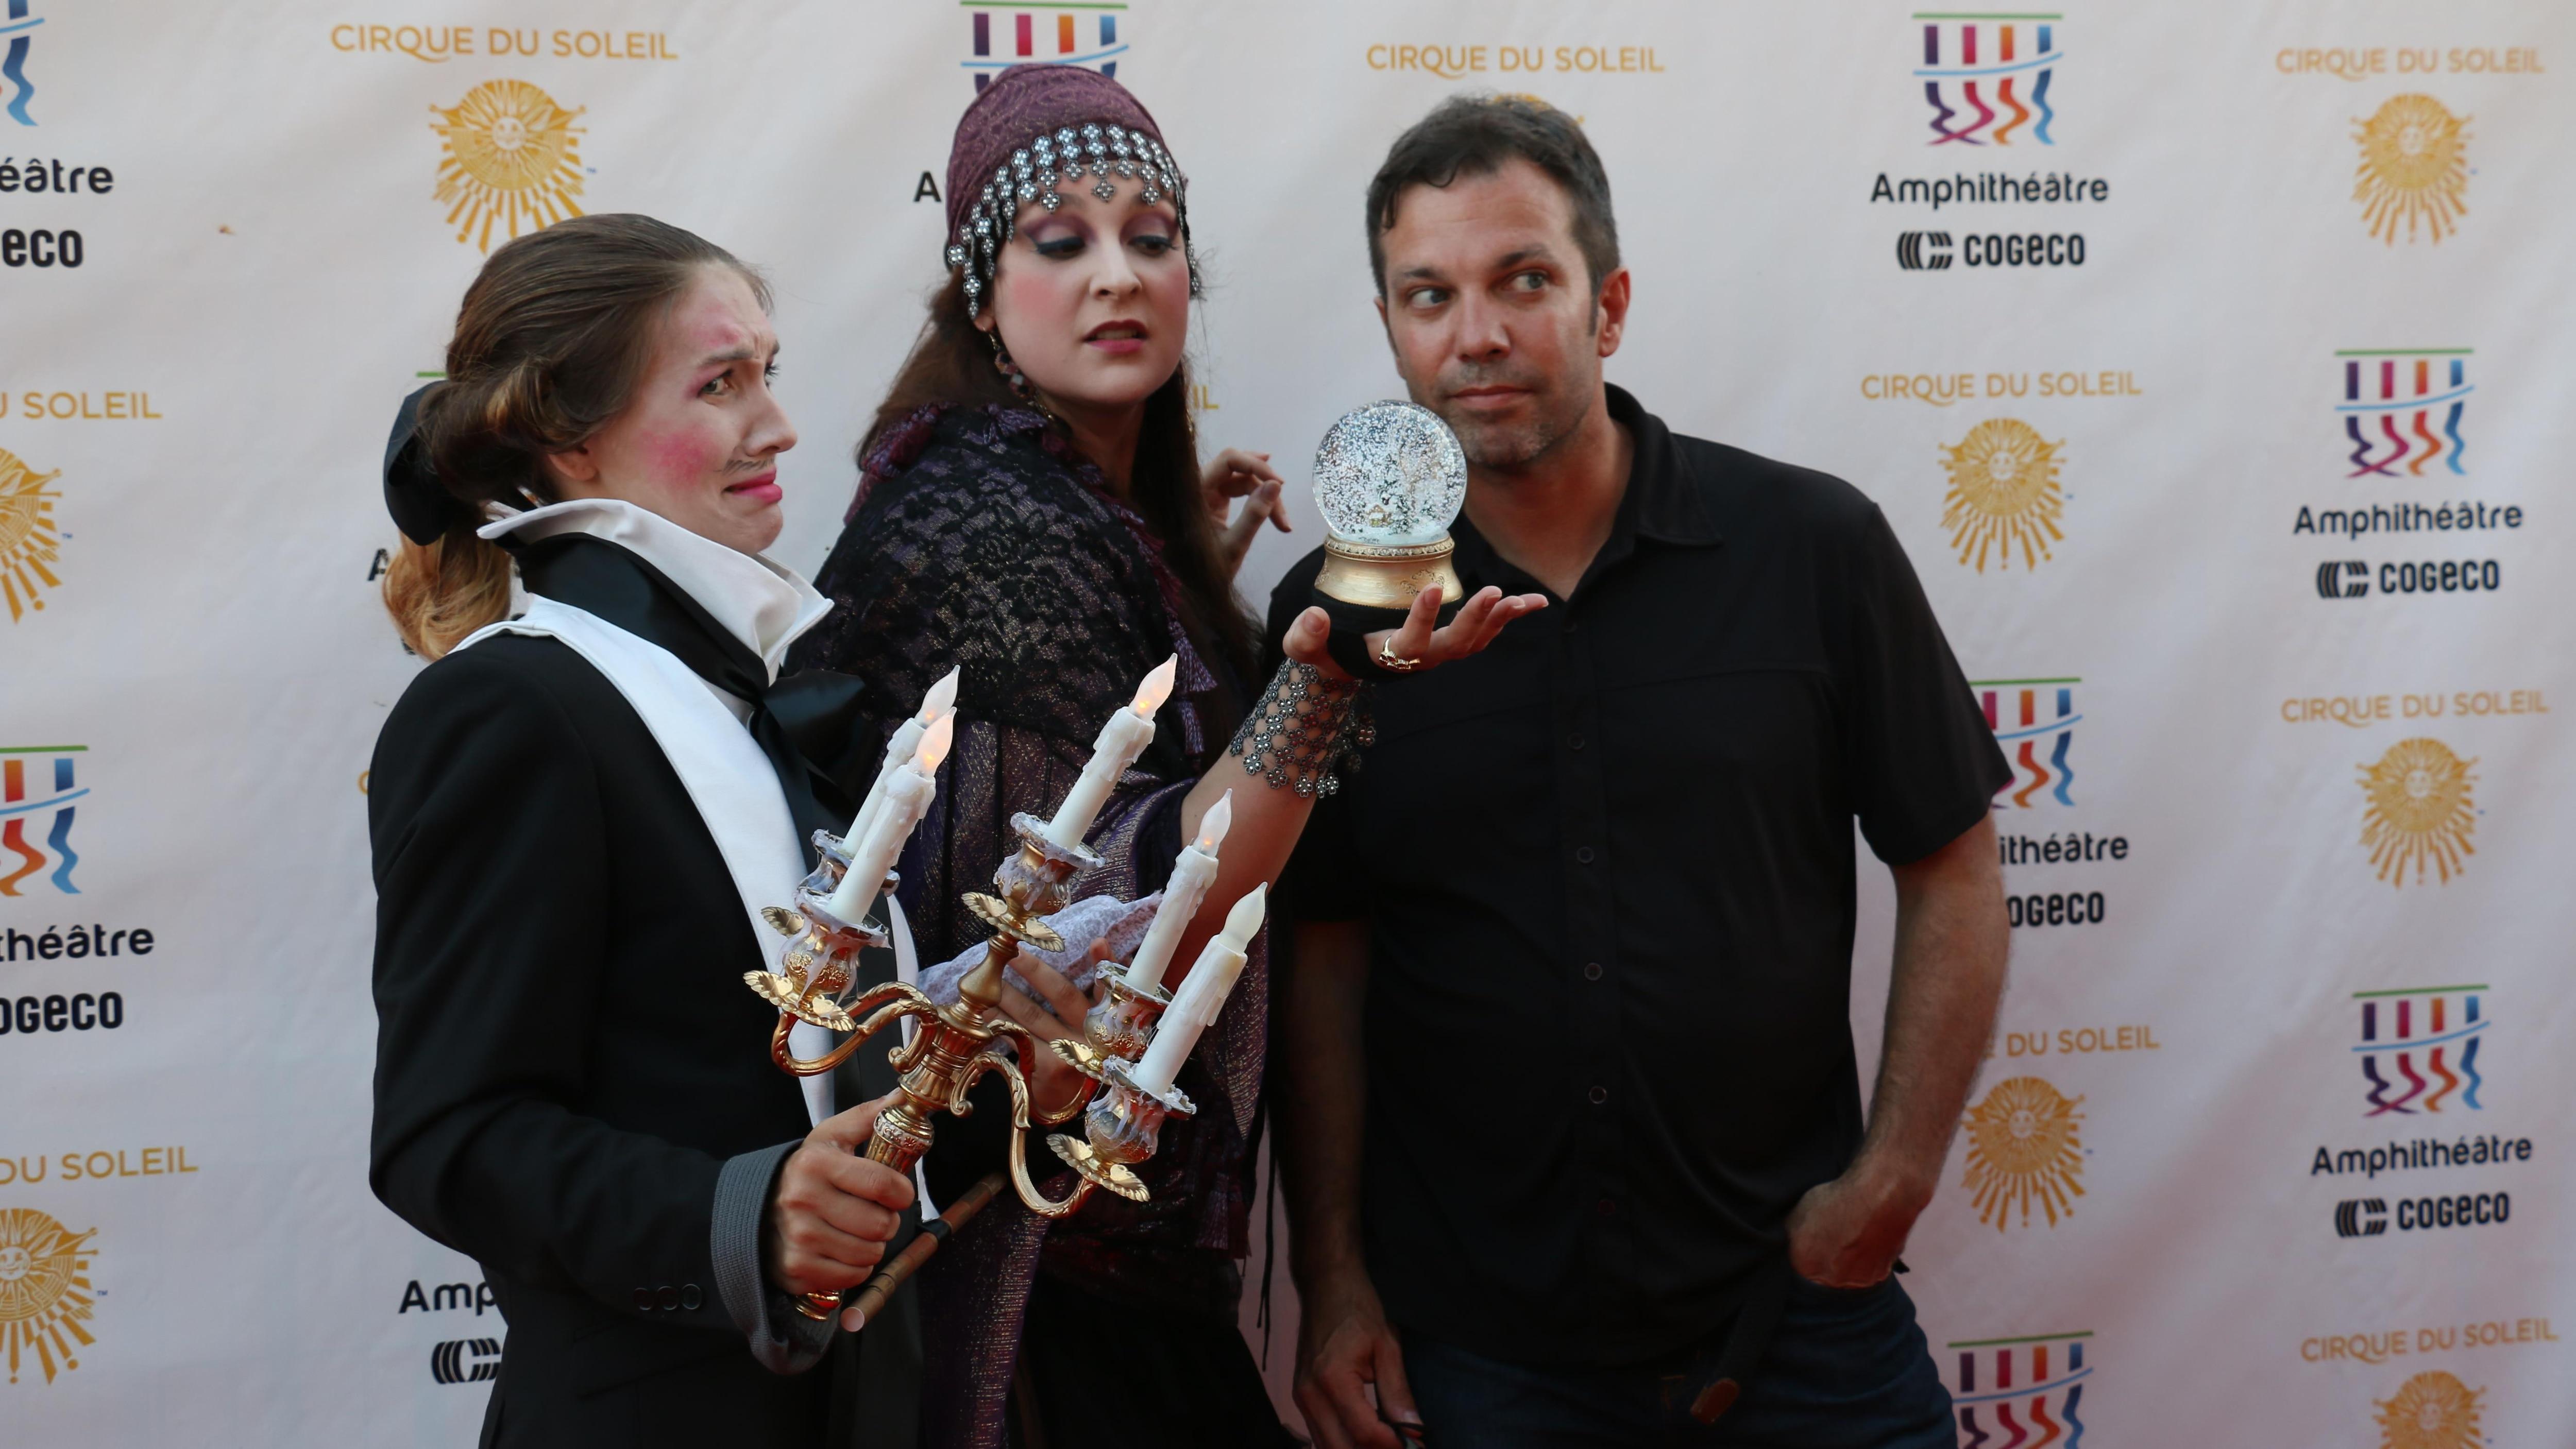 Le metteur en scène, Jean-Guy Legault, en compagnie d'artistes du spectacle.